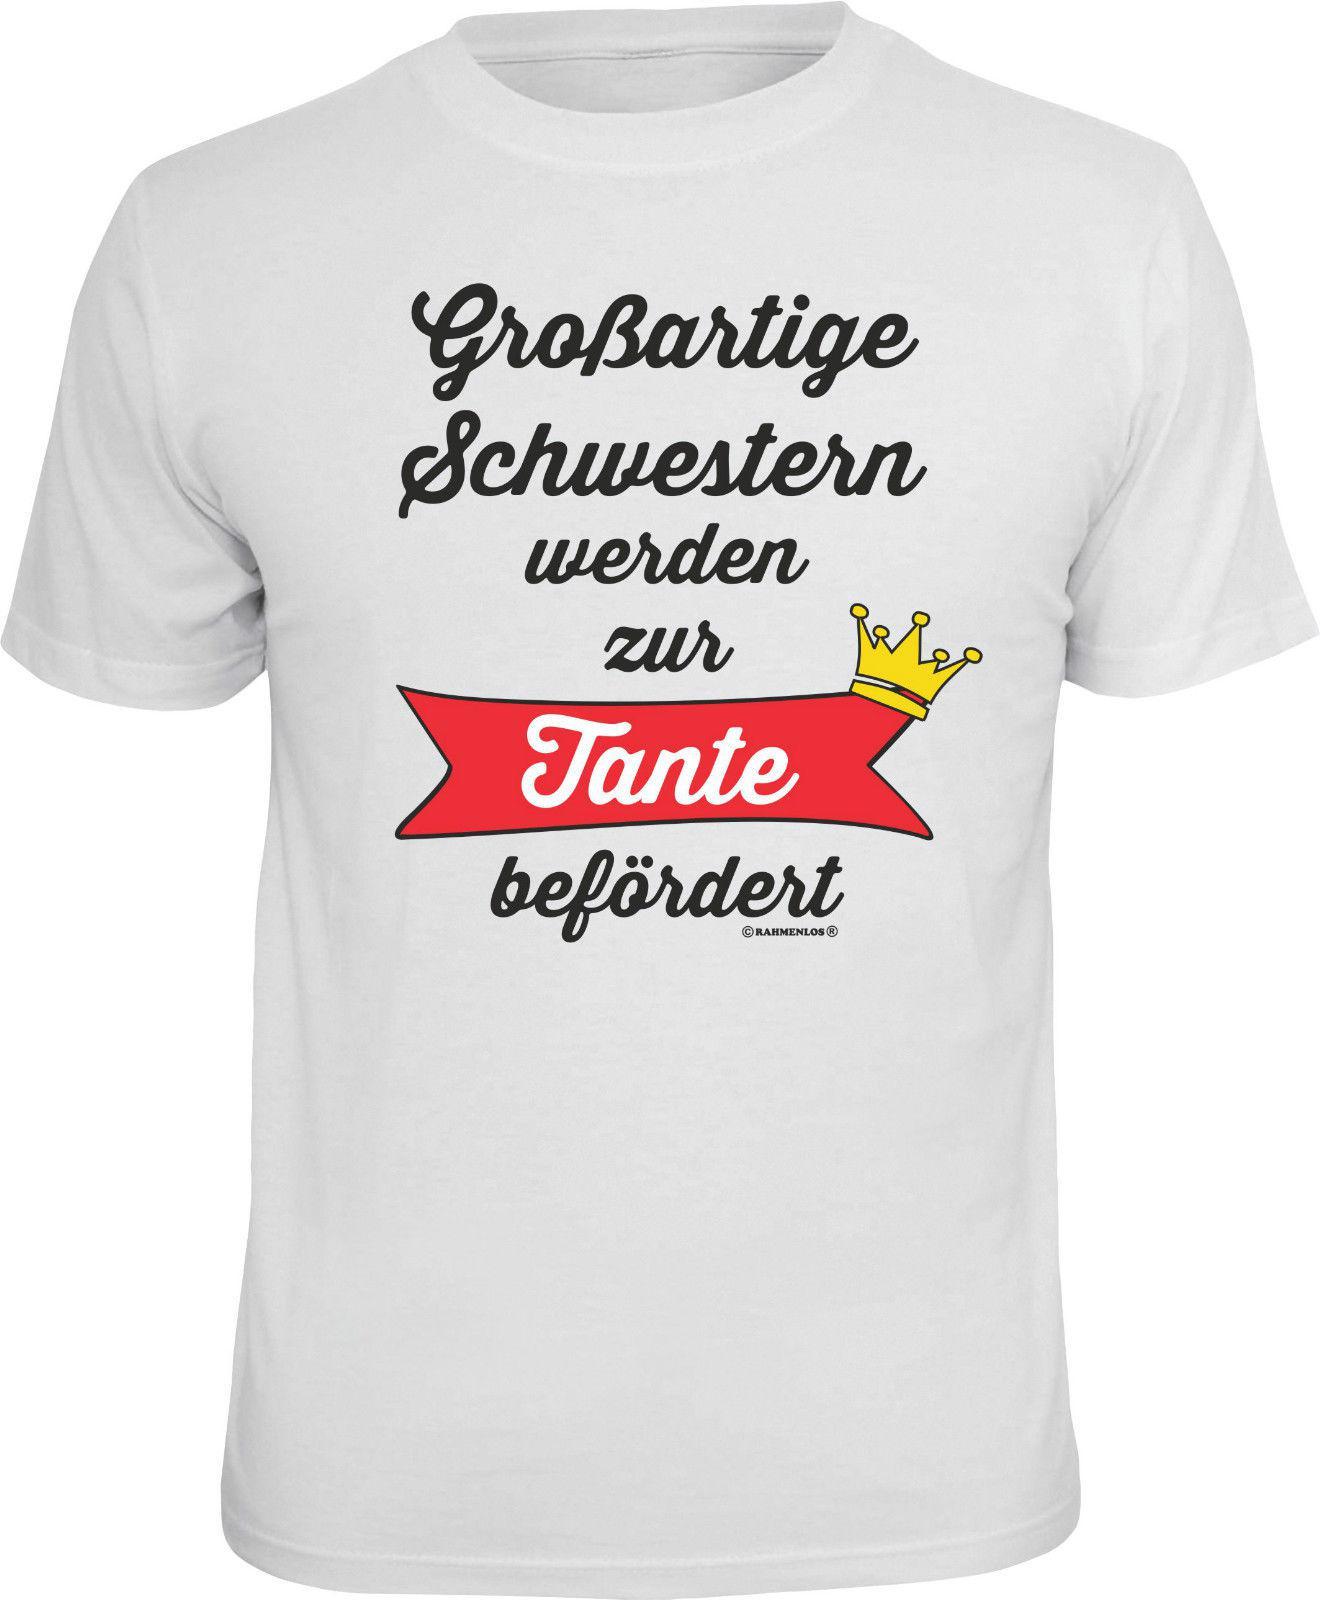 Beste Rahmen Tante Und Onkel Bild Bilder - Rahmen Ideen ...